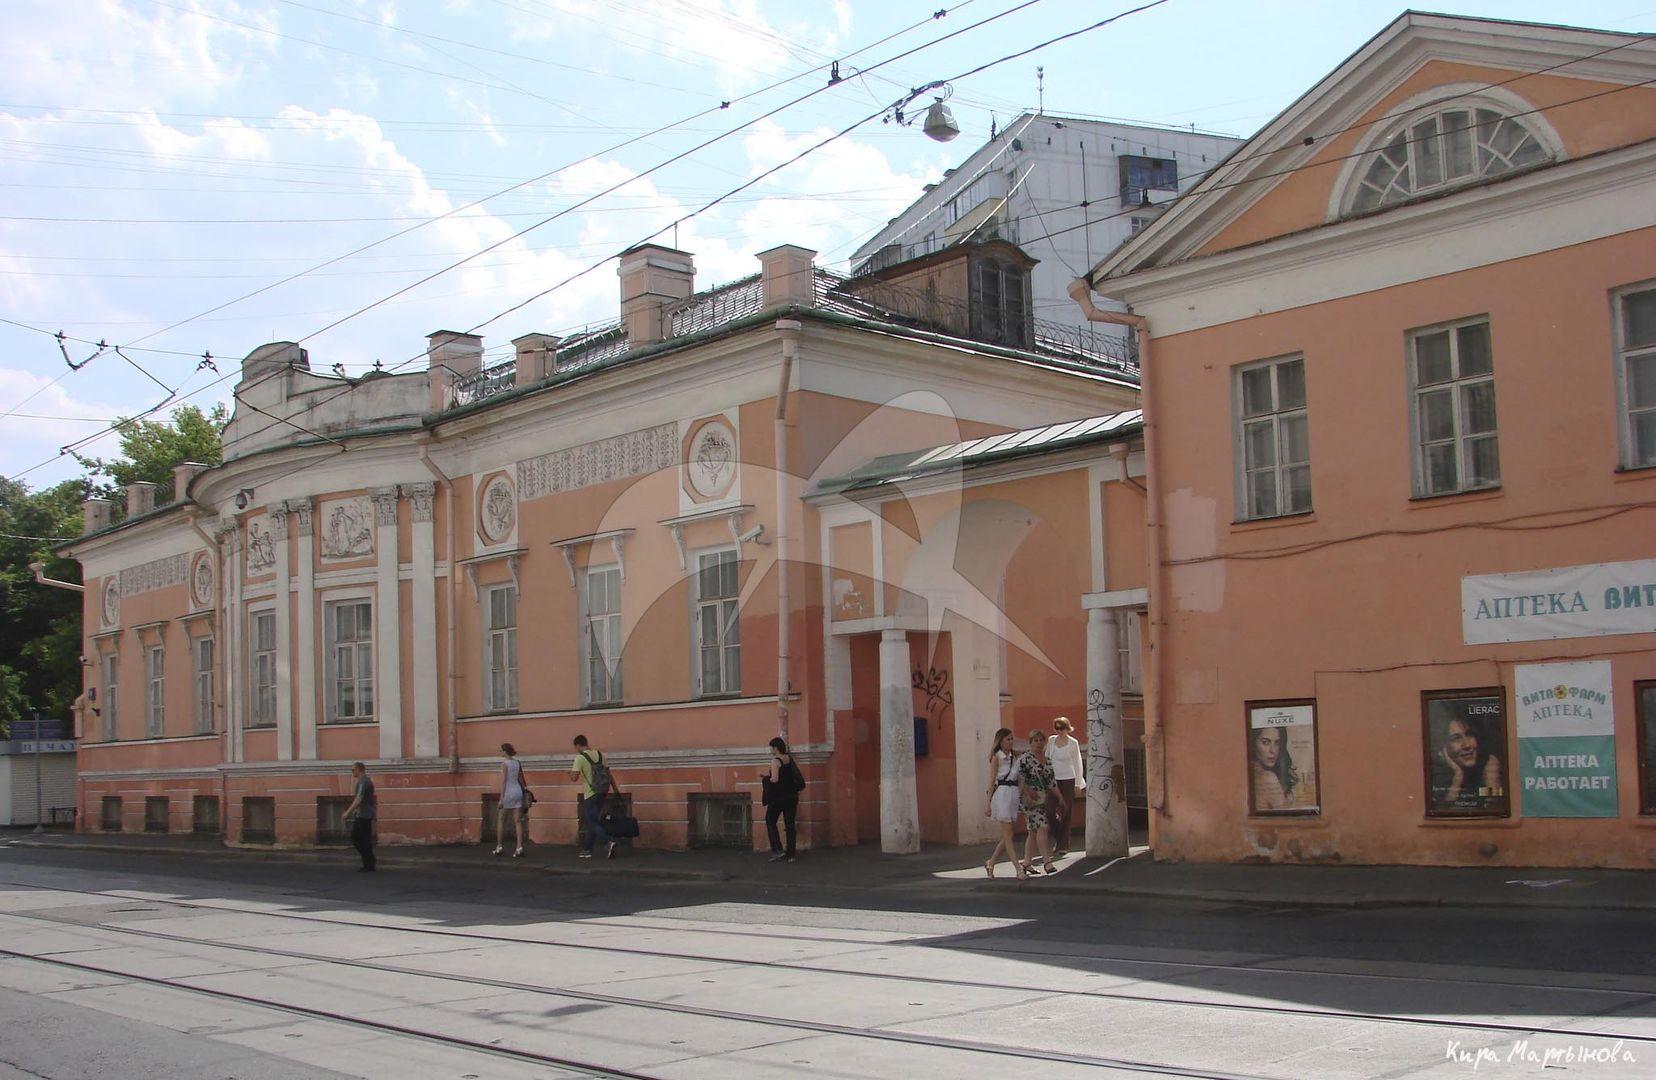 Комплекс, дом с двумя флигелями и воротами, конец XVIII в., по проекту М.Ф. Казакова